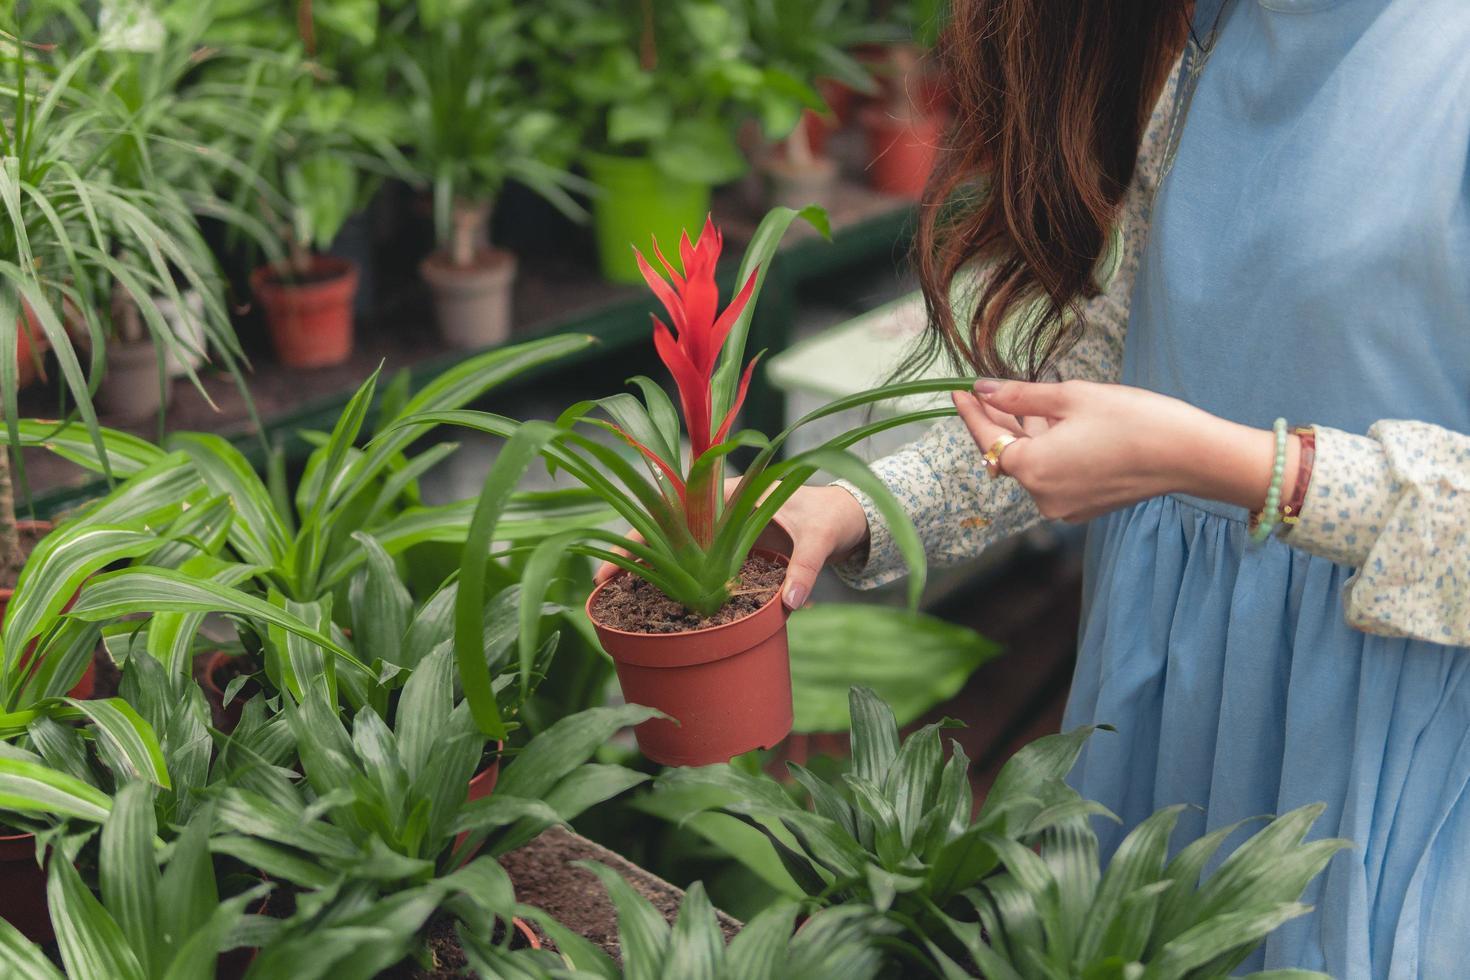 Frau hält eine Topfpflanze foto